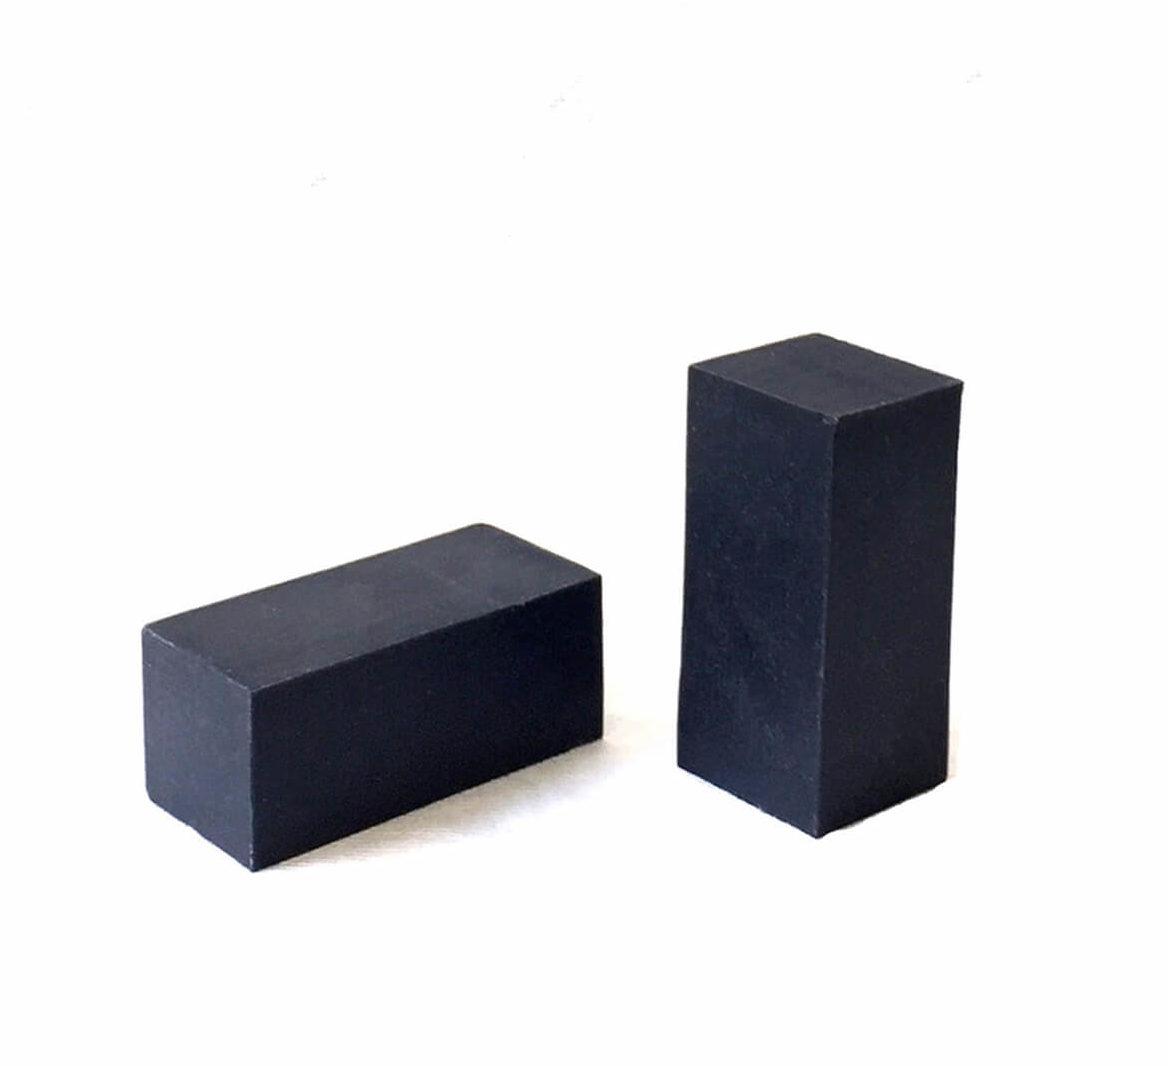 Binu Binu Shaman Black Charcoal Soap